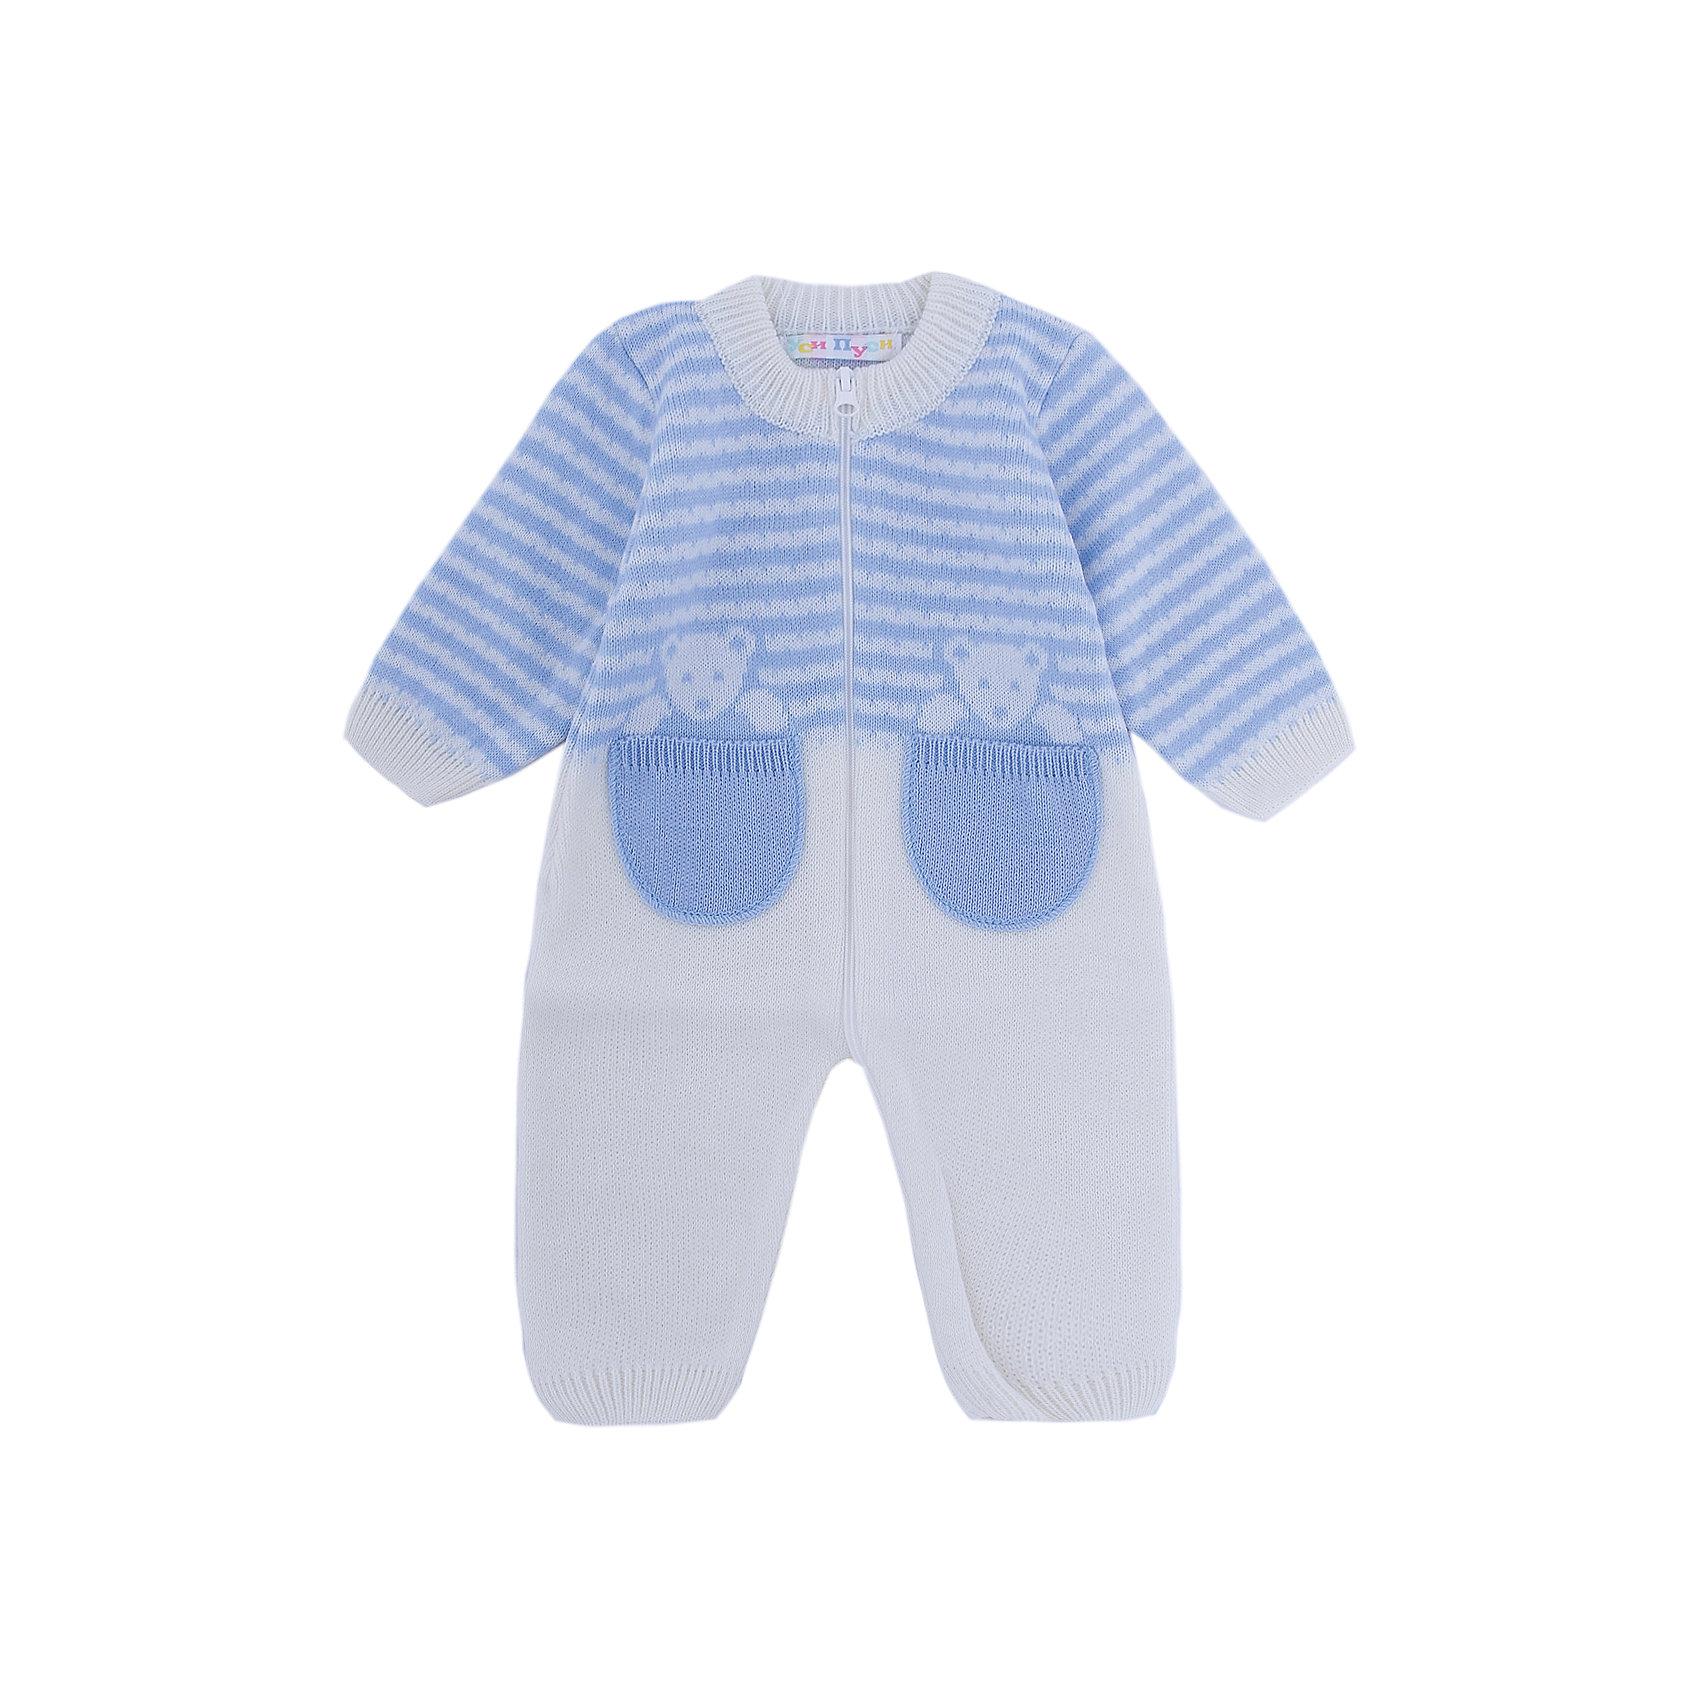 Комбинезон  Мишка в кармане Уси-Пуси для мальчикаКомбинезоны<br>Характеристики товара:<br><br>• цвет: молочно-голубой;<br>• ткань: вязаная;<br>• пол: мальчик;<br>• состав ткани: 50% шерсть, 50% пан;<br>• вид застежки: на молнии;<br>• особенности модели: вязаная, с рисунком;<br>• сезон: демисезон;<br>• страна бренда: Россия;<br>• страна изготовитель: Россия.<br><br>Вязаный комбинезон «Мишка в кармане» выполнен из мягкой пряжи. Комбинезон с открытыми ручками и ножками. Молния по всей длине комбинезонапозволит легко одеть ребенка на прогулку.<br><br>Два карманчика, из которых выглядывают медвежатки, делают модель необычной. Комбинезон подойдет для любого времени года: его можно носить как летом, так и зимой.<br><br>Комбинезон  «Мишка в кармане» Уси-Пуси для мальчика можно купить в нашем интернет-магазине.<br><br>Ширина мм: 157<br>Глубина мм: 13<br>Высота мм: 119<br>Вес г: 200<br>Цвет: голубой<br>Возраст от месяцев: 12<br>Возраст до месяцев: 15<br>Пол: Мужской<br>Возраст: Детский<br>Размер: 74/80,50/56,56/62,62/68,68/74<br>SKU: 7029805